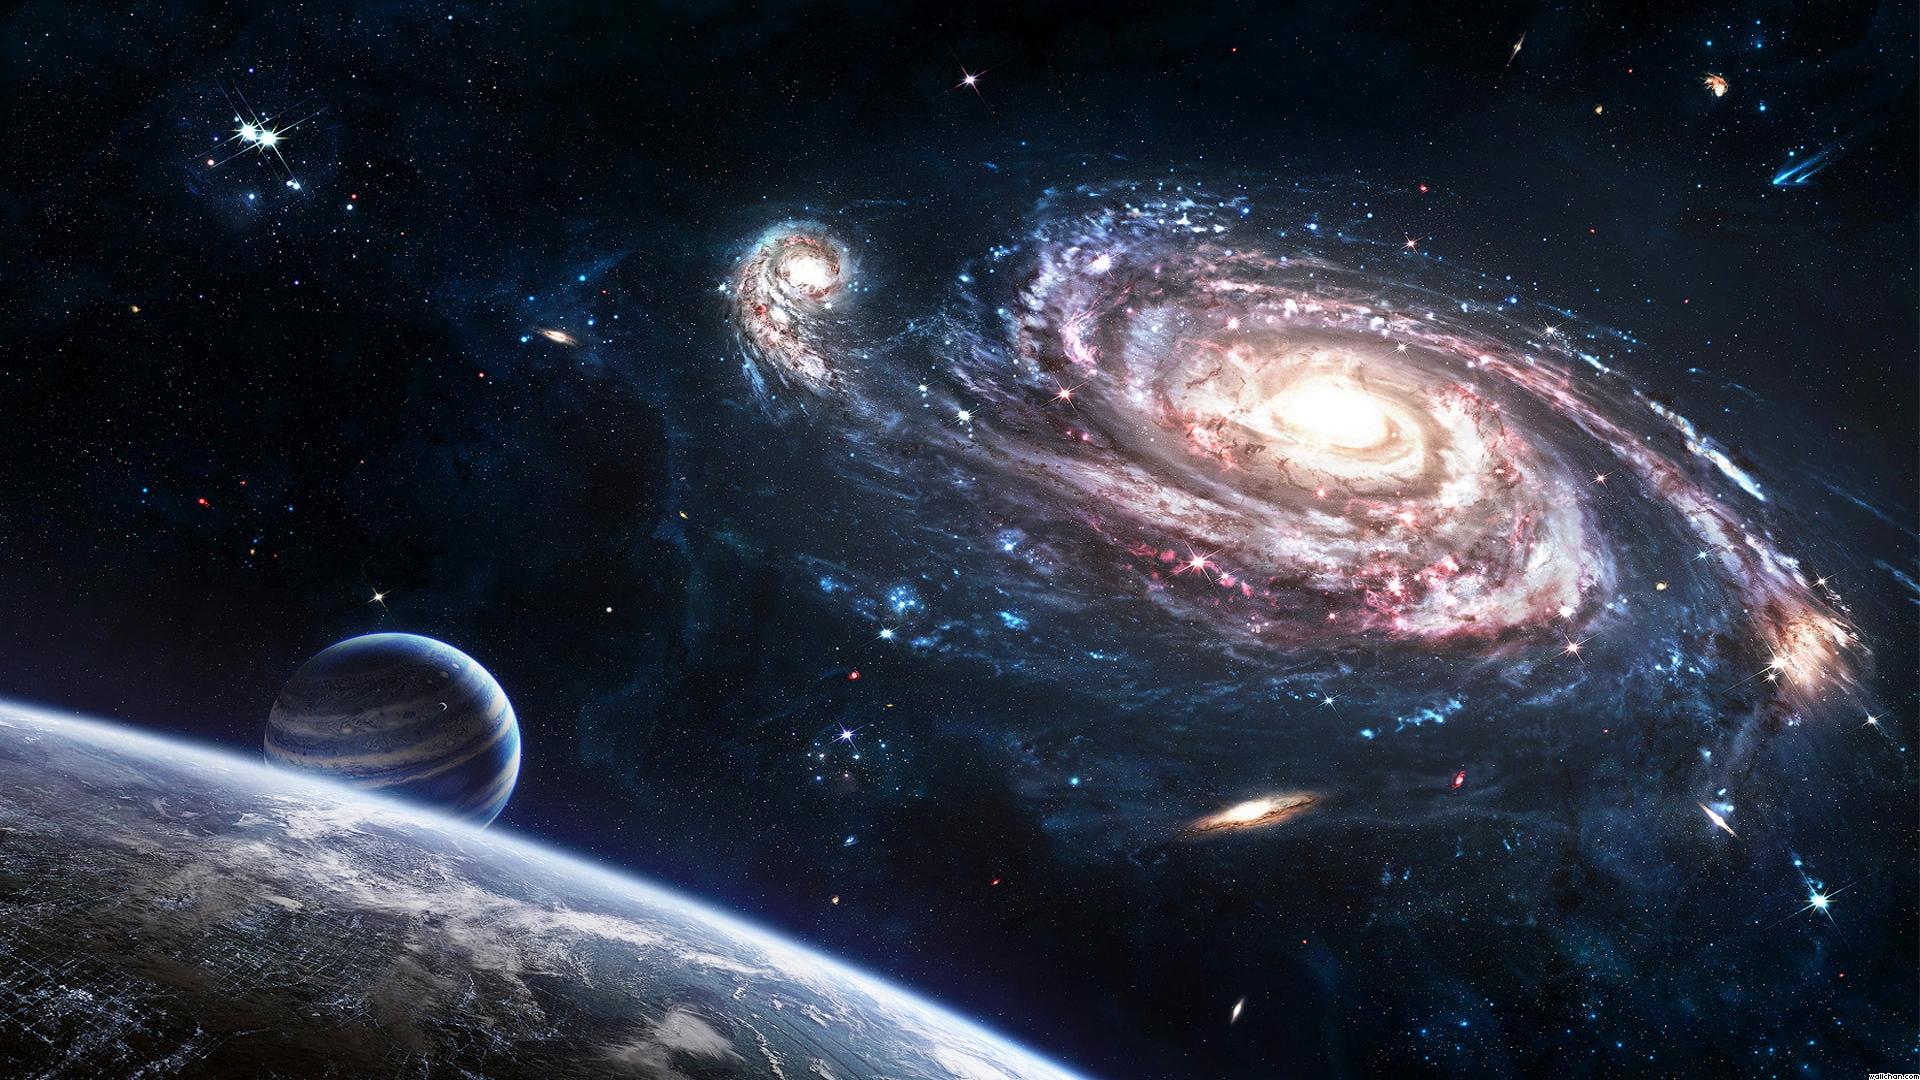 :: یک کهکشان زیبایی اما من، سهمم شده دیدار دورادور ::